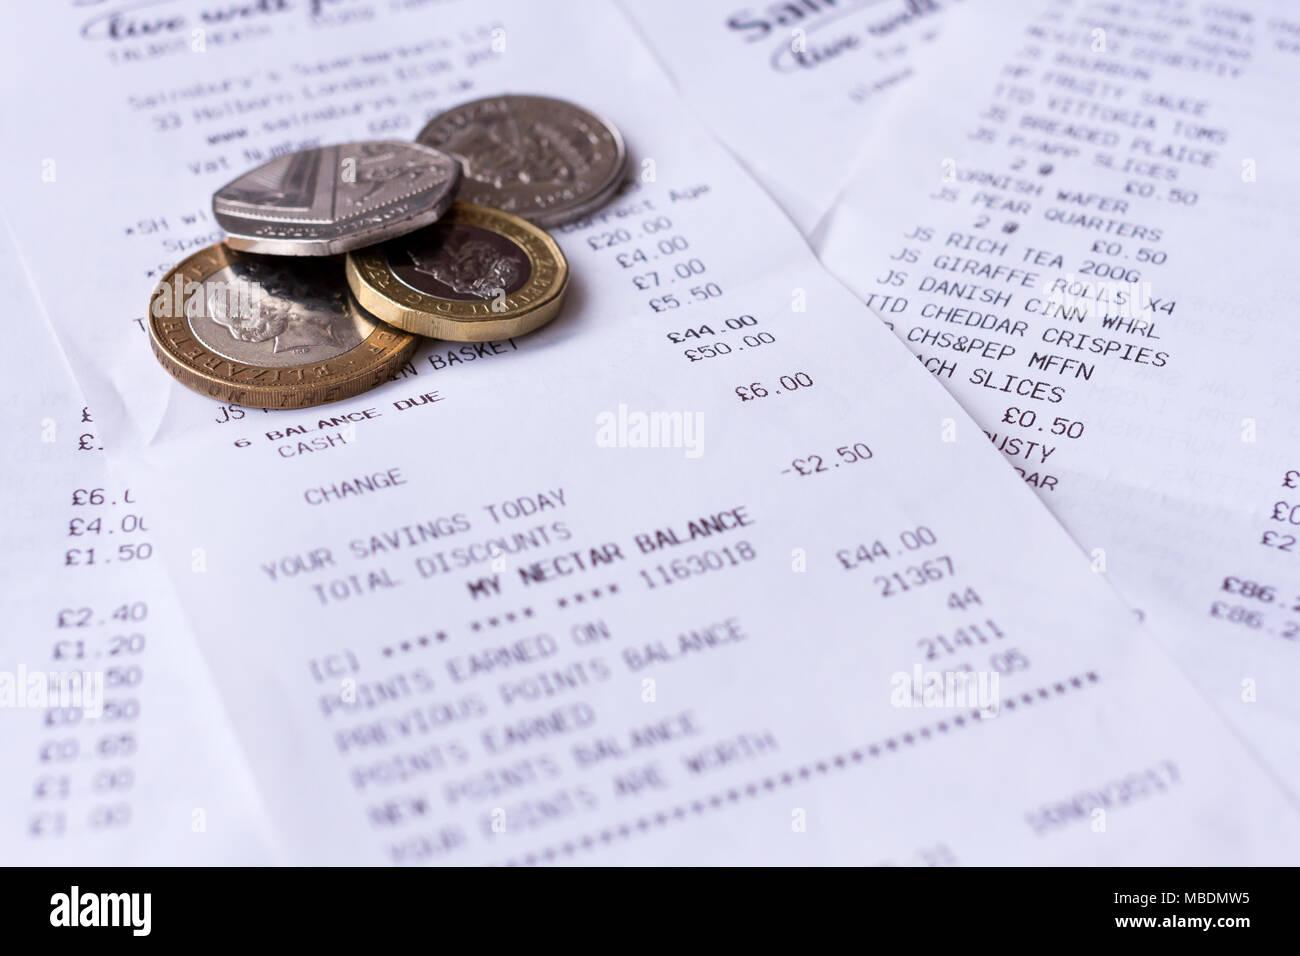 L'épicerie supermarché Sainsburys caisse & petit changement, la monnaie sterling, Royaume-Uni Photo Stock